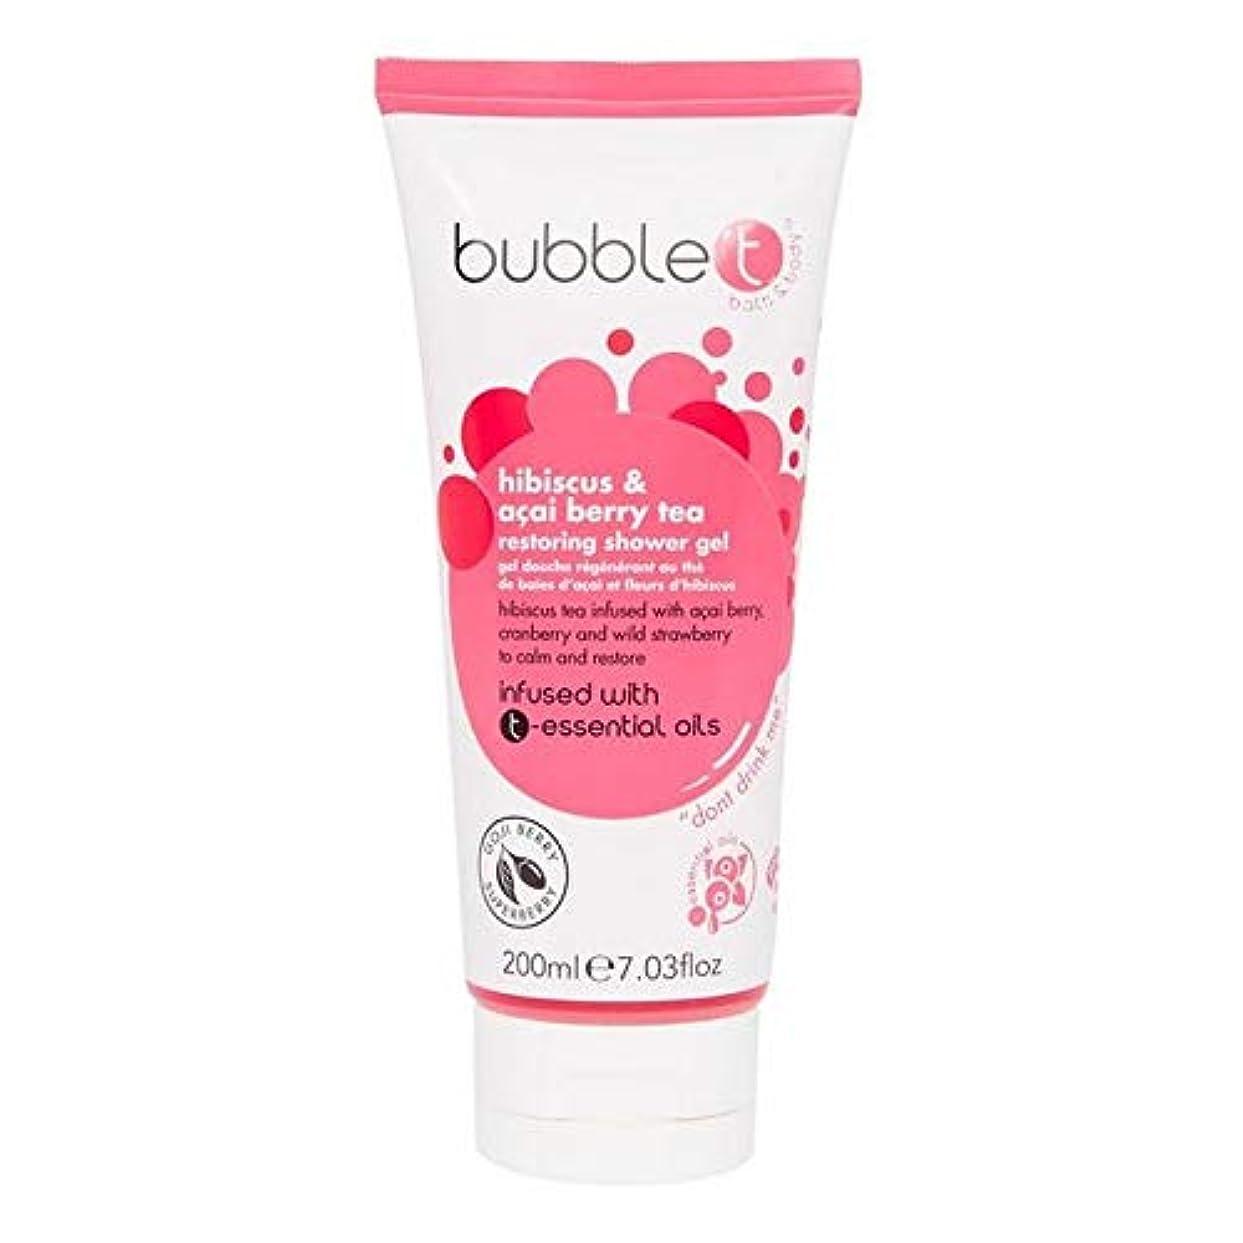 空気雪だるまメッセージ[Bubble T ] バブルトン化粧品シャワージェル、ハイビスカス&アサイベリー茶200ミリリットル - Bubble T Cosmetics Shower Gel, Hibiscus & Acai Berry Tea...